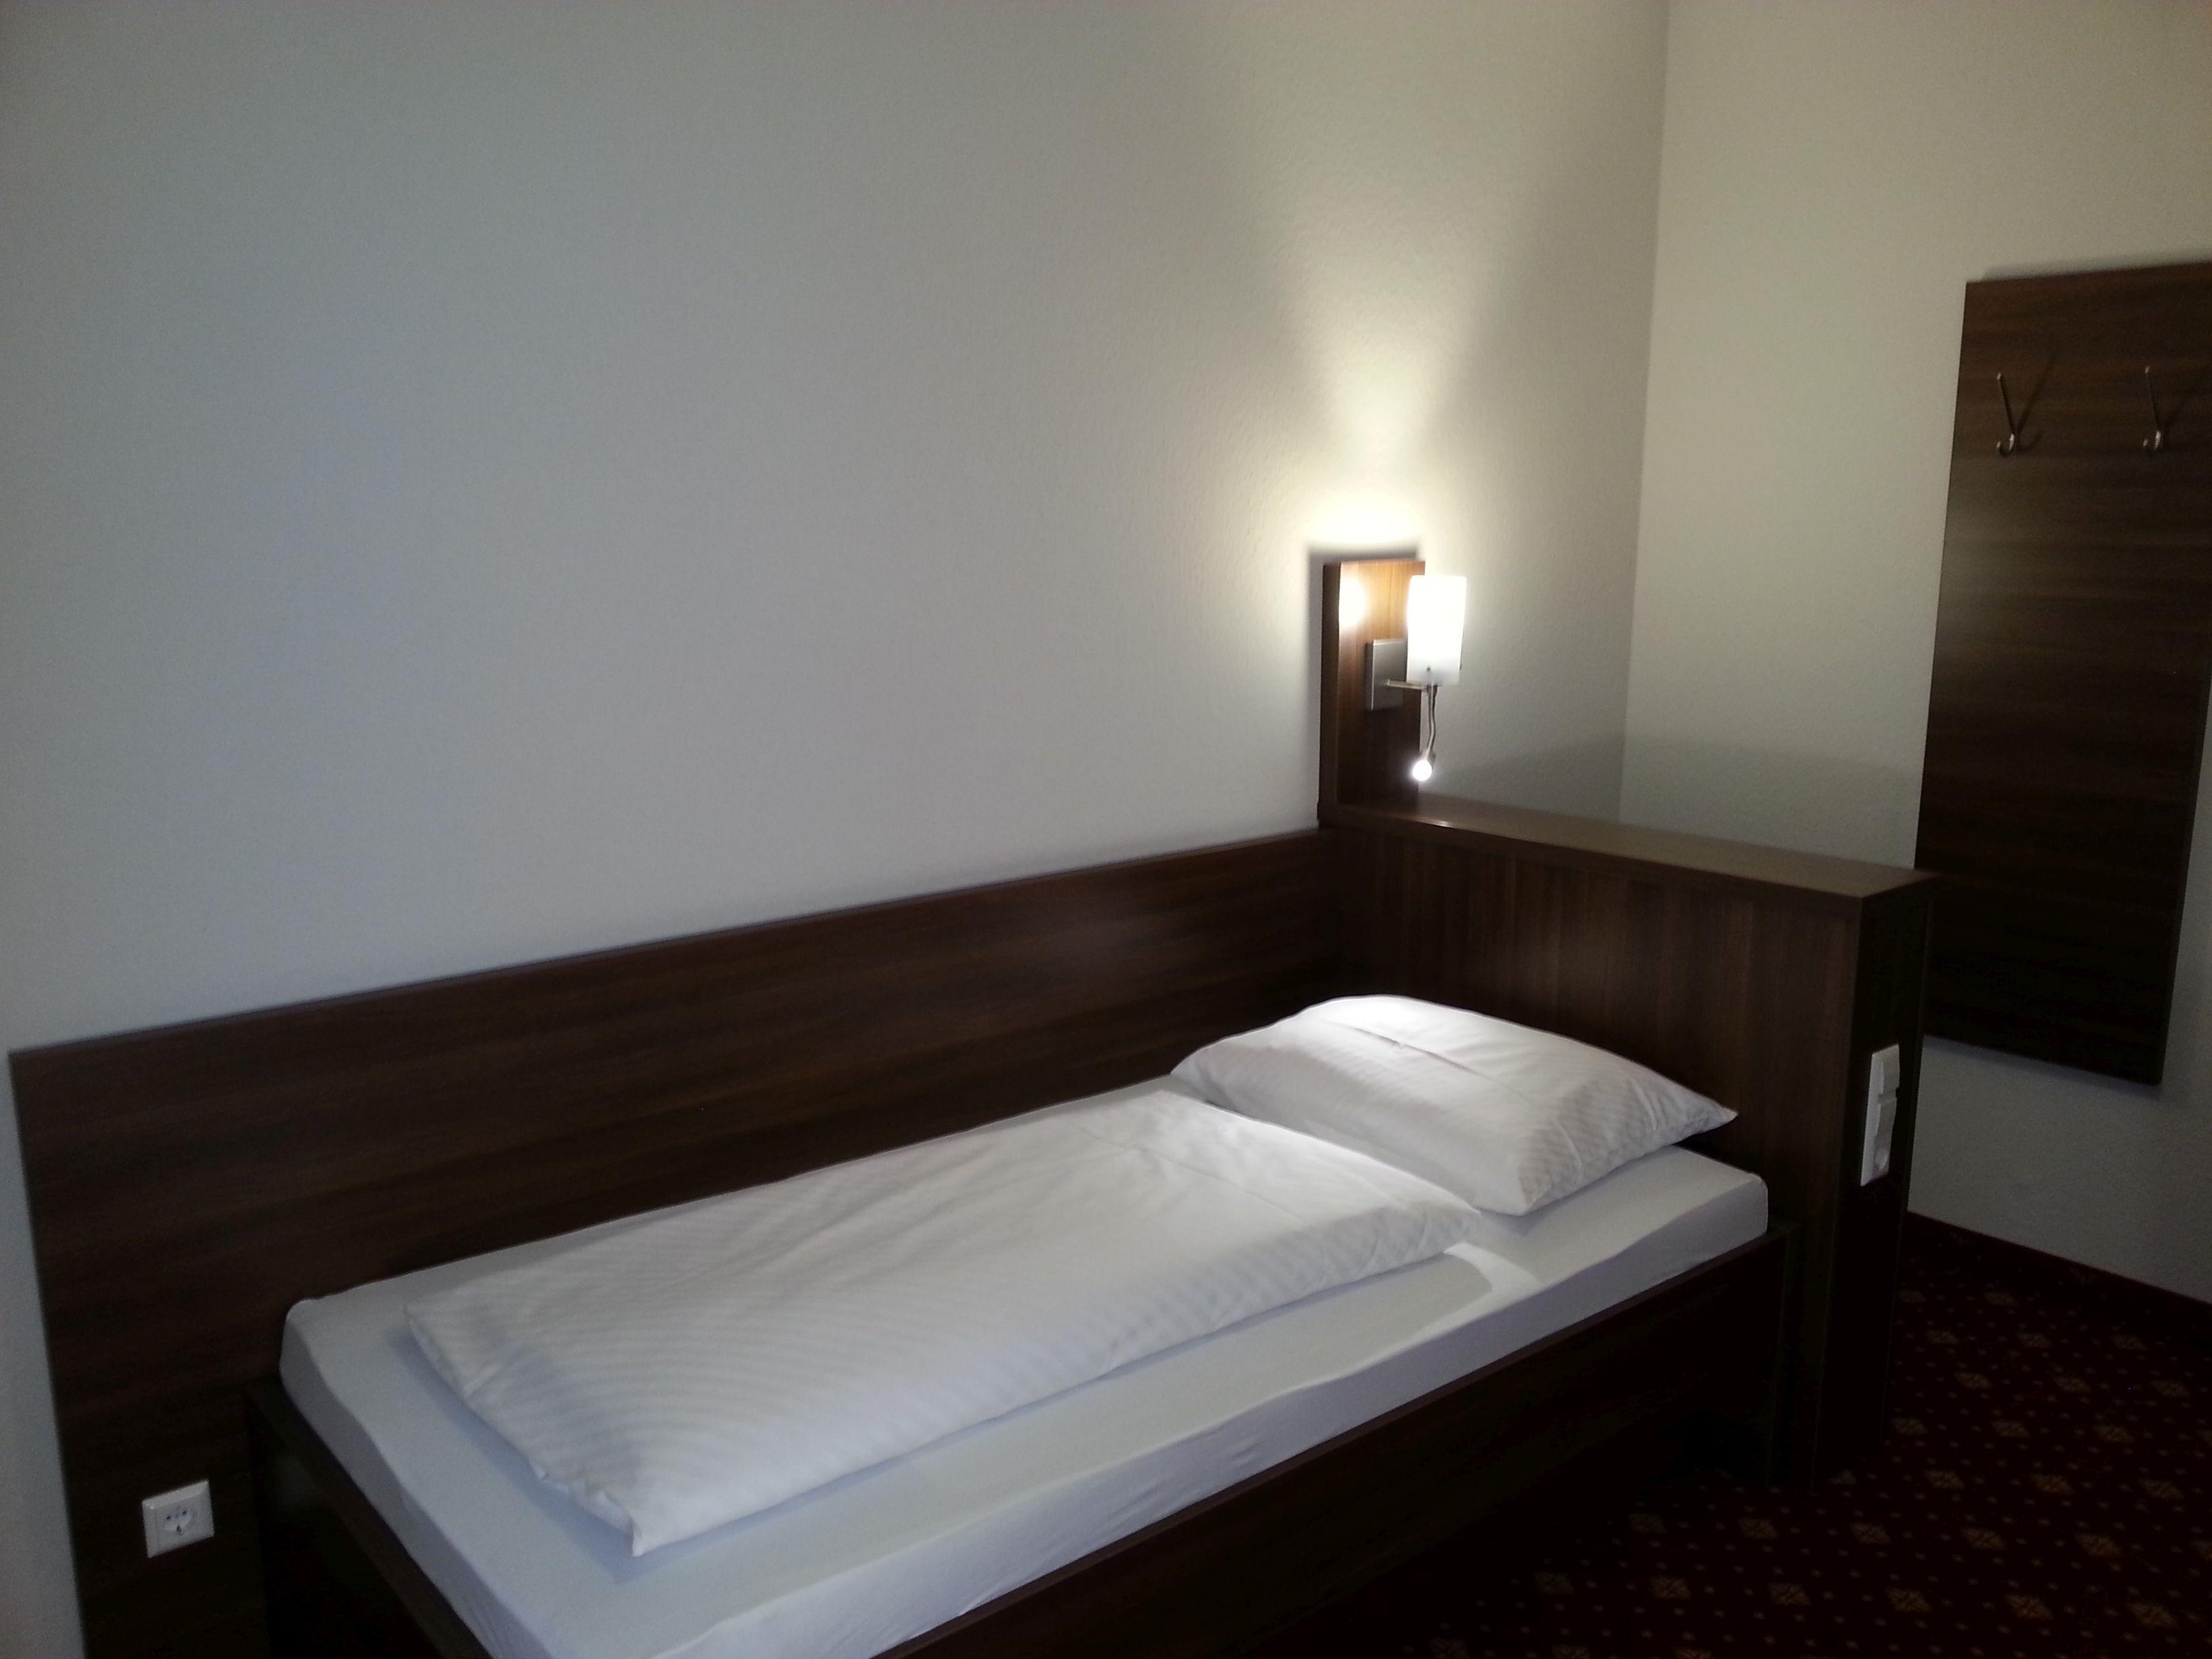 Einzelzimmer mit Dusche/Wc, Fön, Safe, Kabel-TV,, Balkon, Kosmetikspiegel